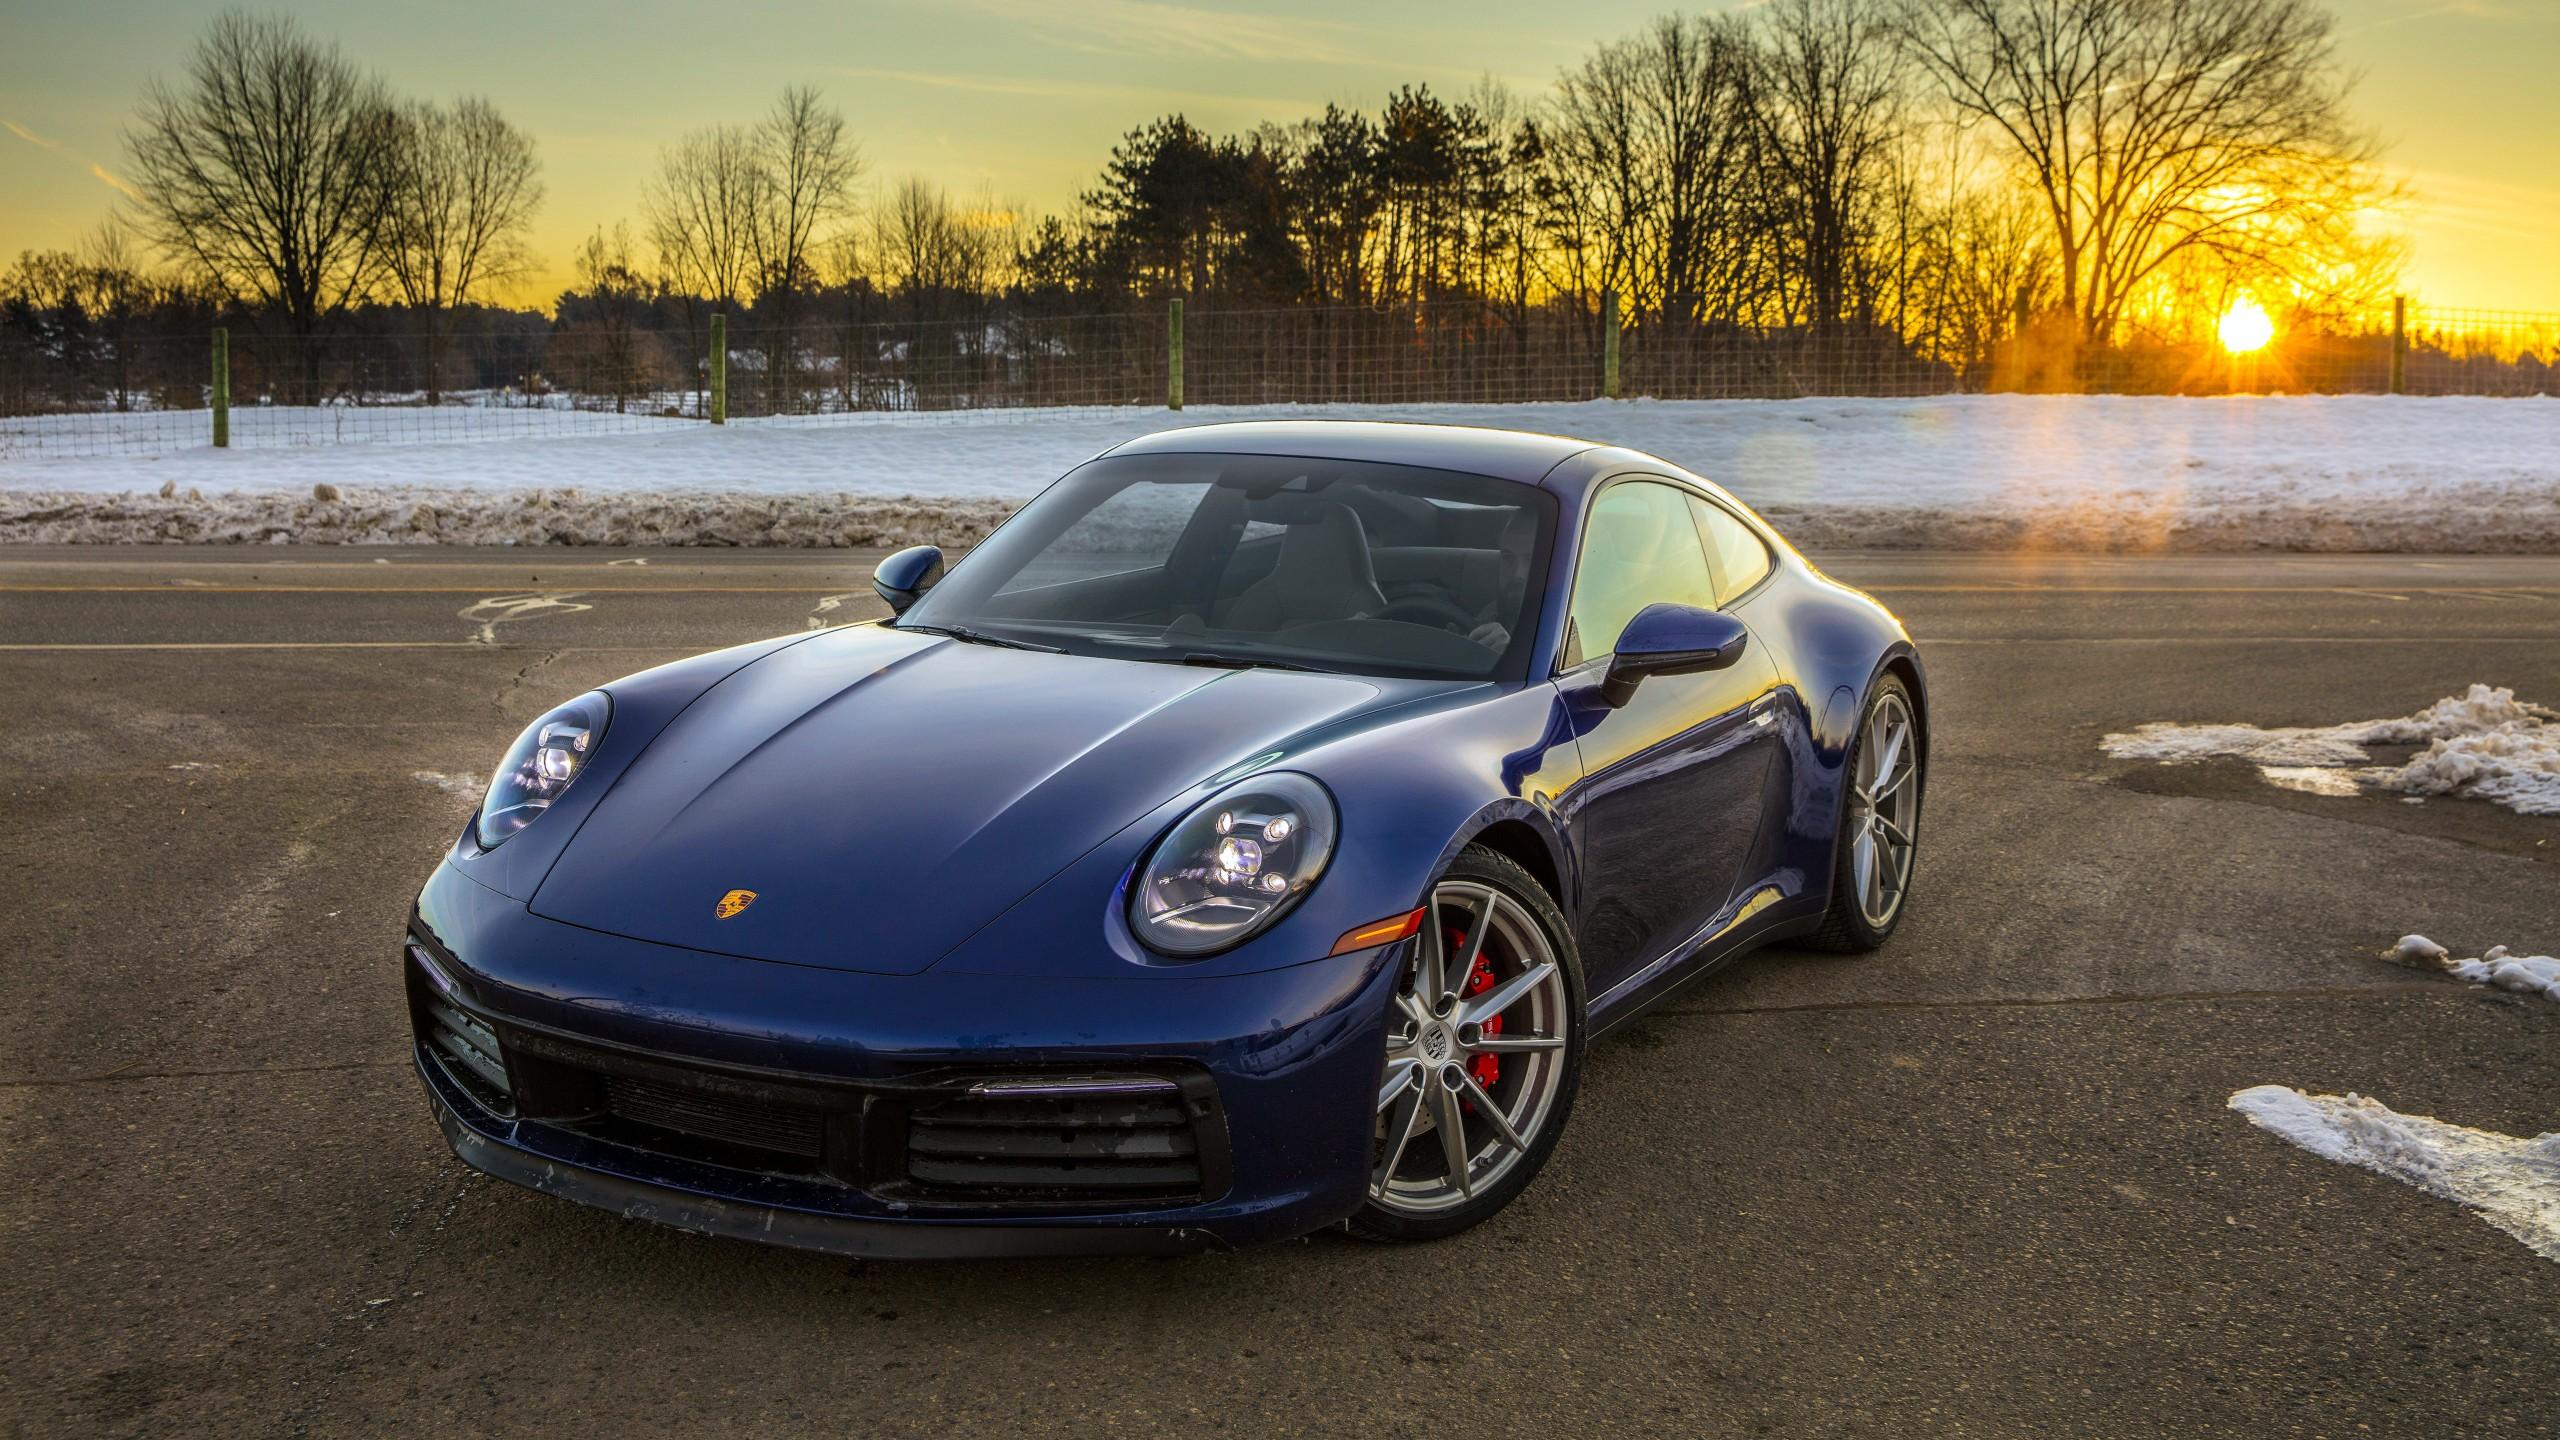 2020 Porsche 911 Carrera 4s 5k Wallpaper Hd Car Wallpapers Id 14093